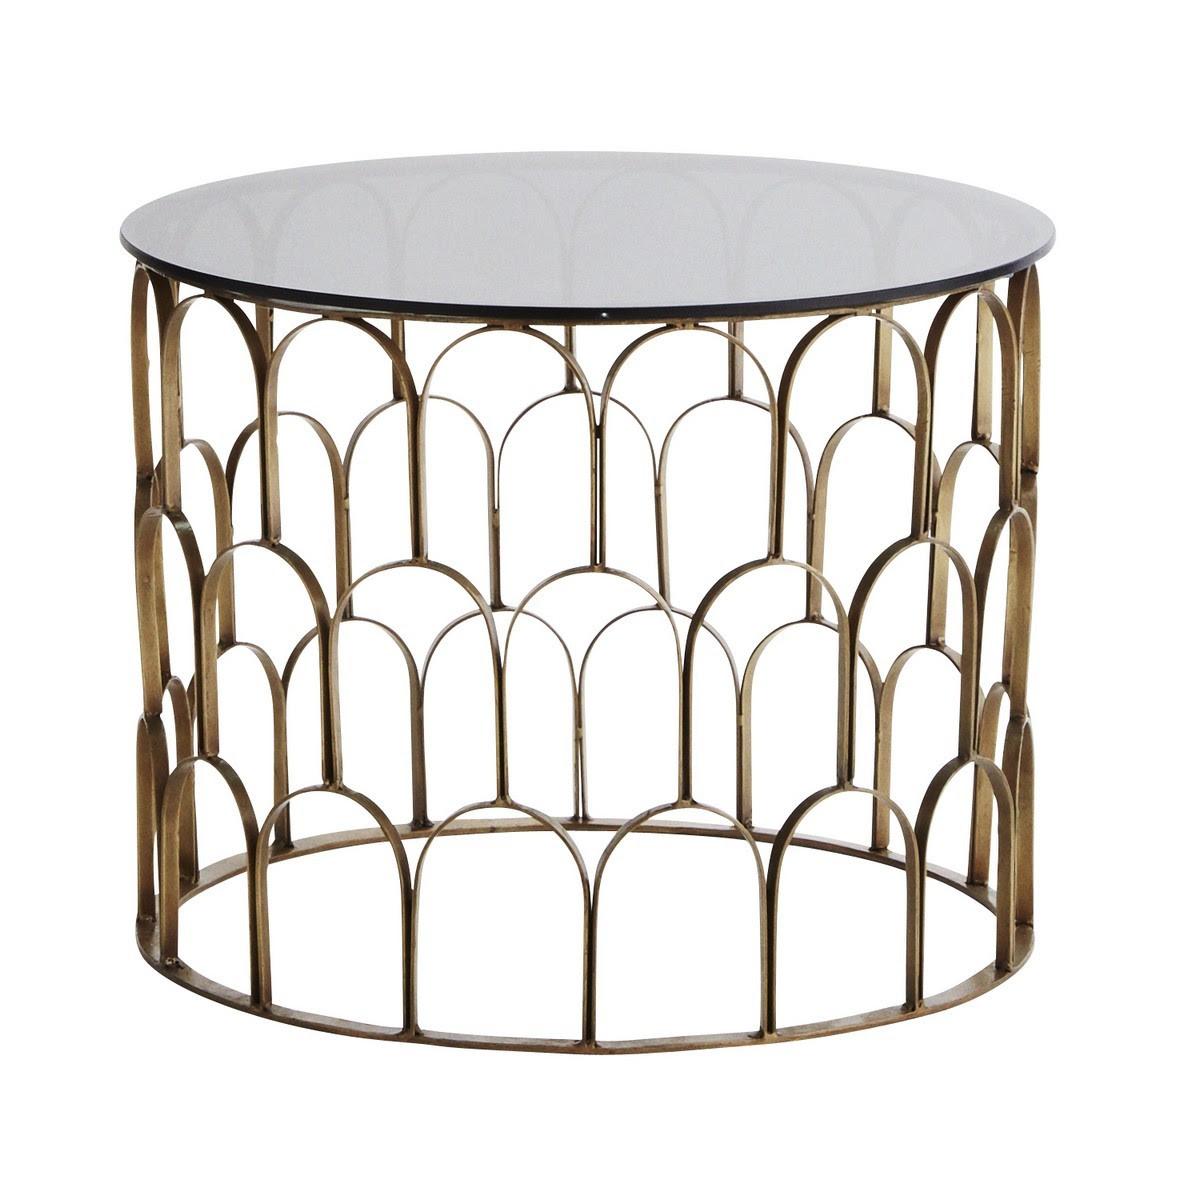 Table Basse Ronde Laiton Antique Art Deco Verre Noir Madam Stoltz